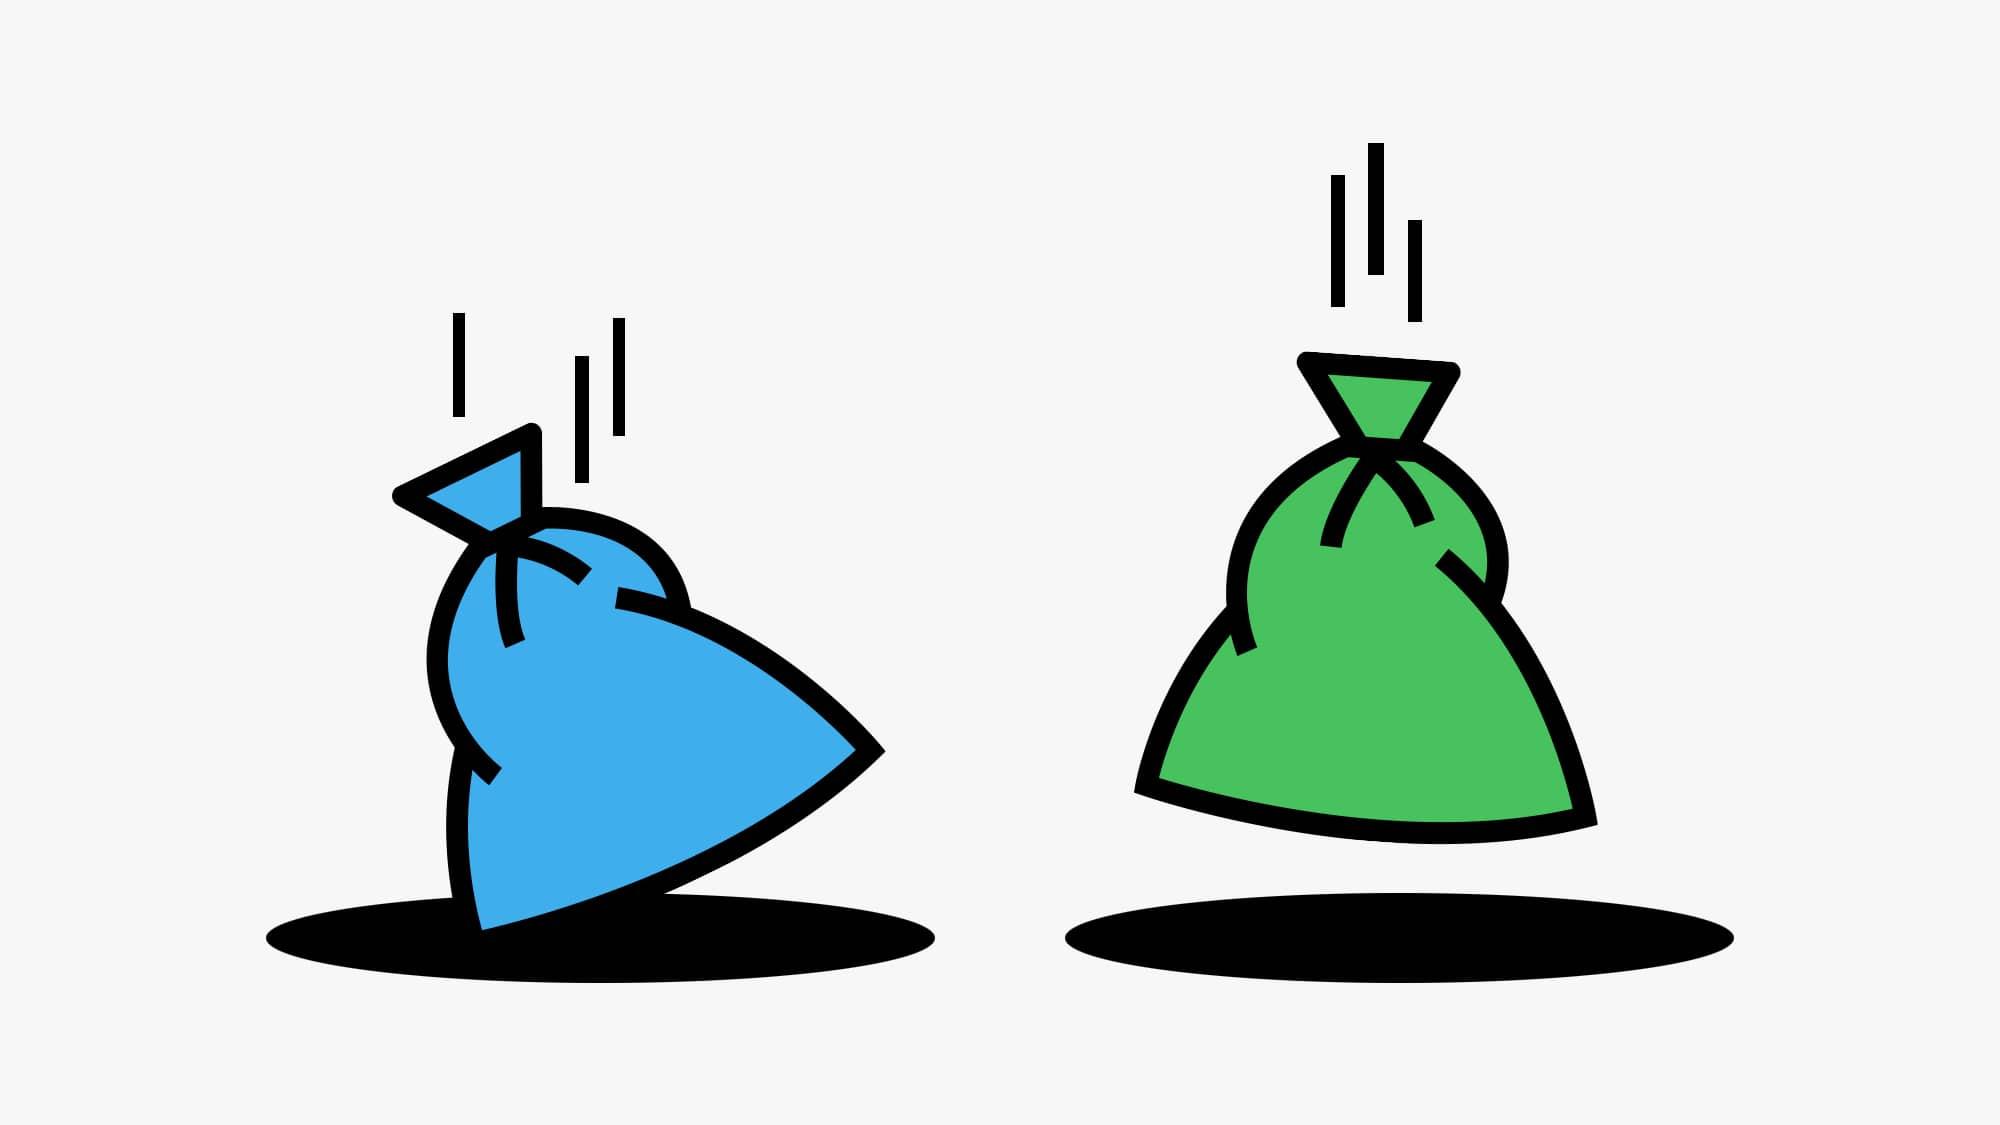 Mit dem neuen System der verschiedenfarbigen Säcken soll künftig in Basel-Stadt auch Bioabfall in den Unterflurcontainern e